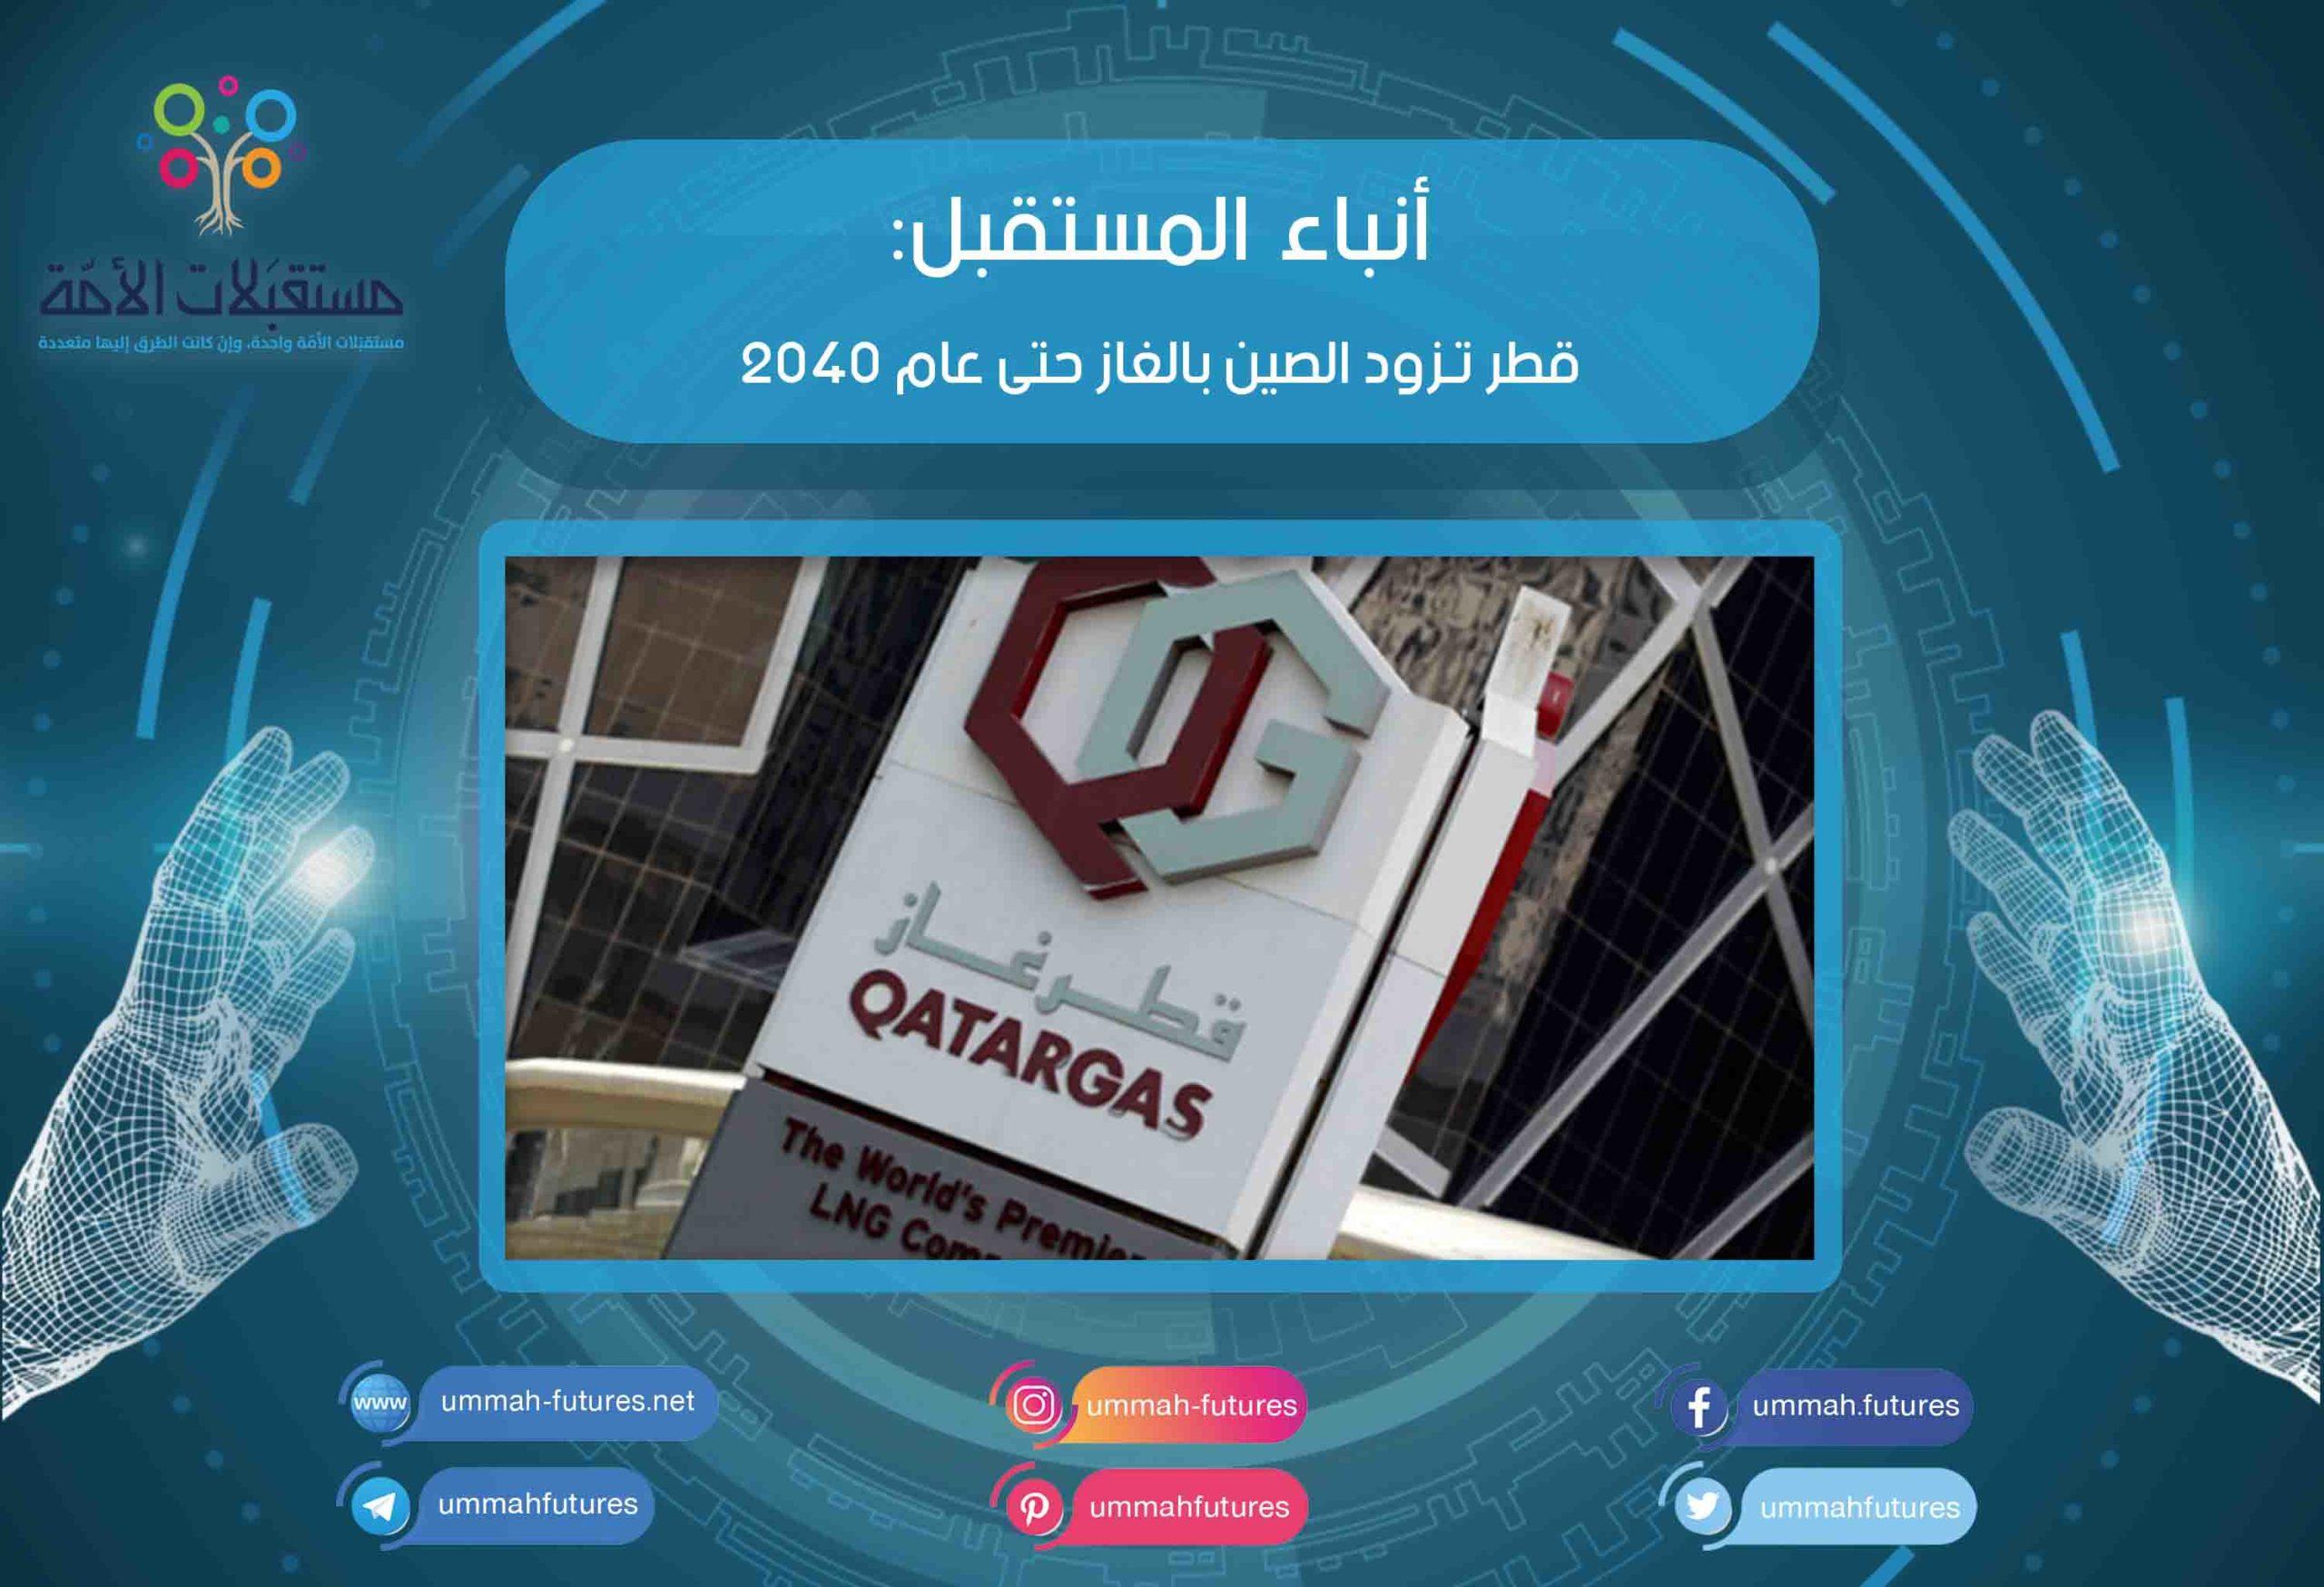 قطر تزود الصين بالغاز حتى عام 2040